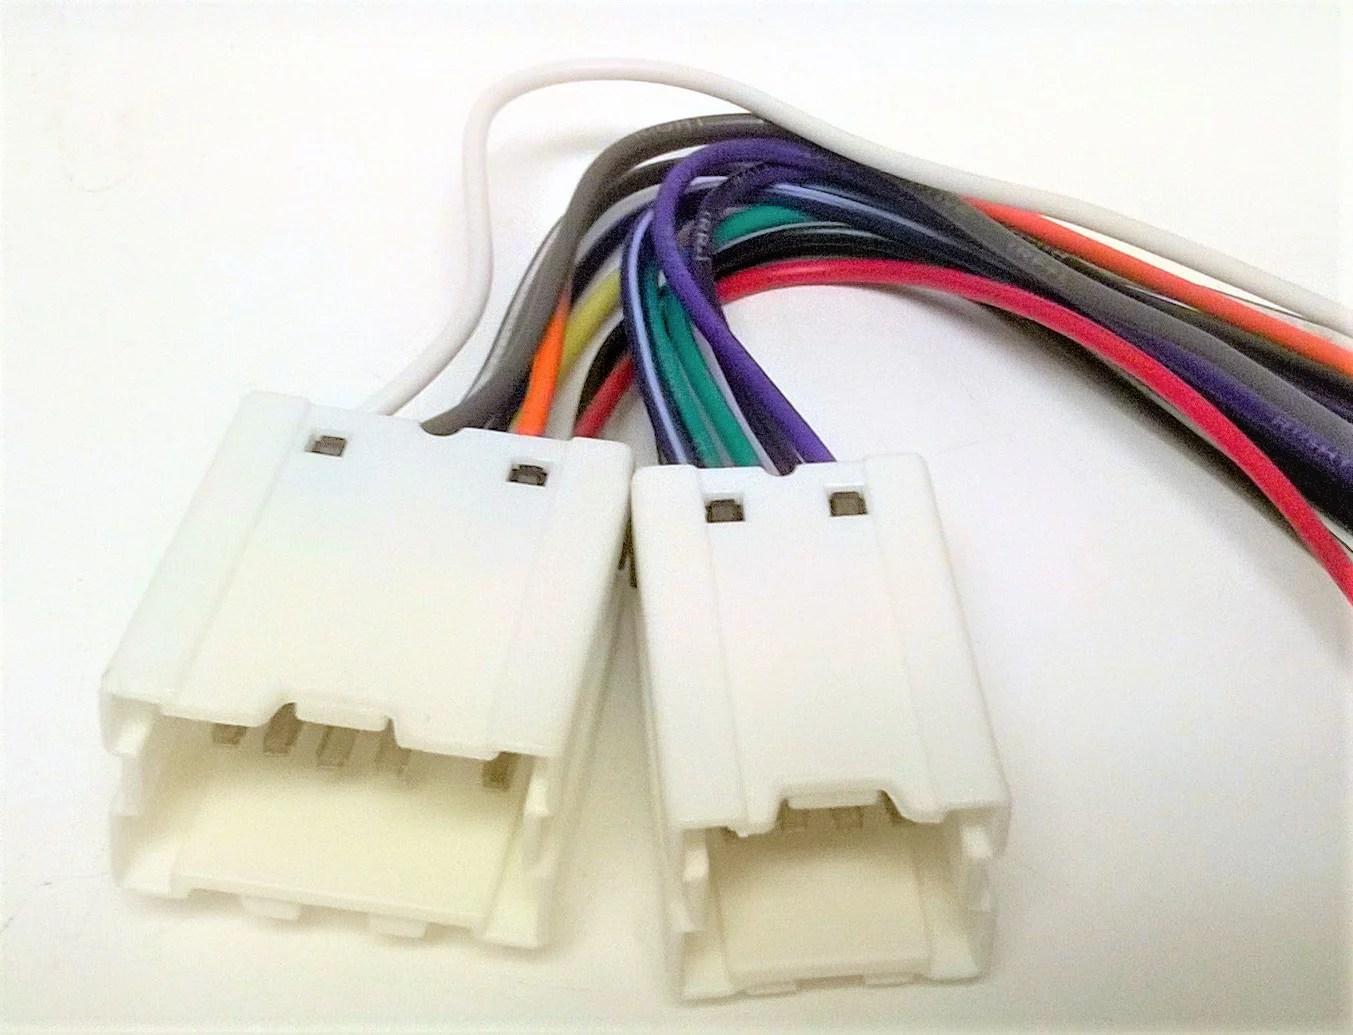 medium resolution of carxtc radio wire harness installs new car stereo fits infiniti qx4 rh walmart com 1998 infiniti qx4 stereo wiring diagram 2000 infiniti qx4 stereo wiring